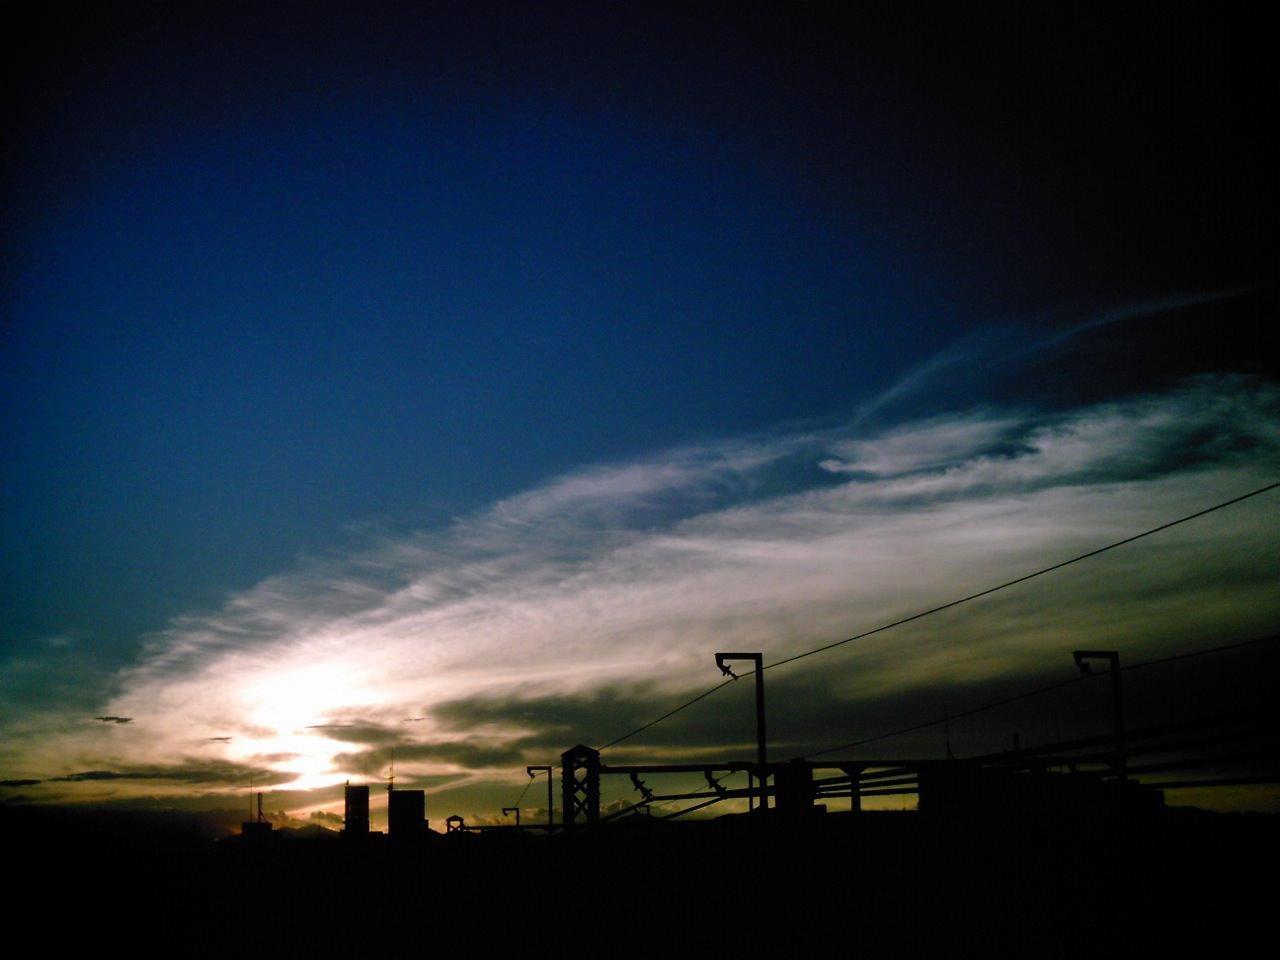 Polaroid-a520_sky20140925-7.jpg